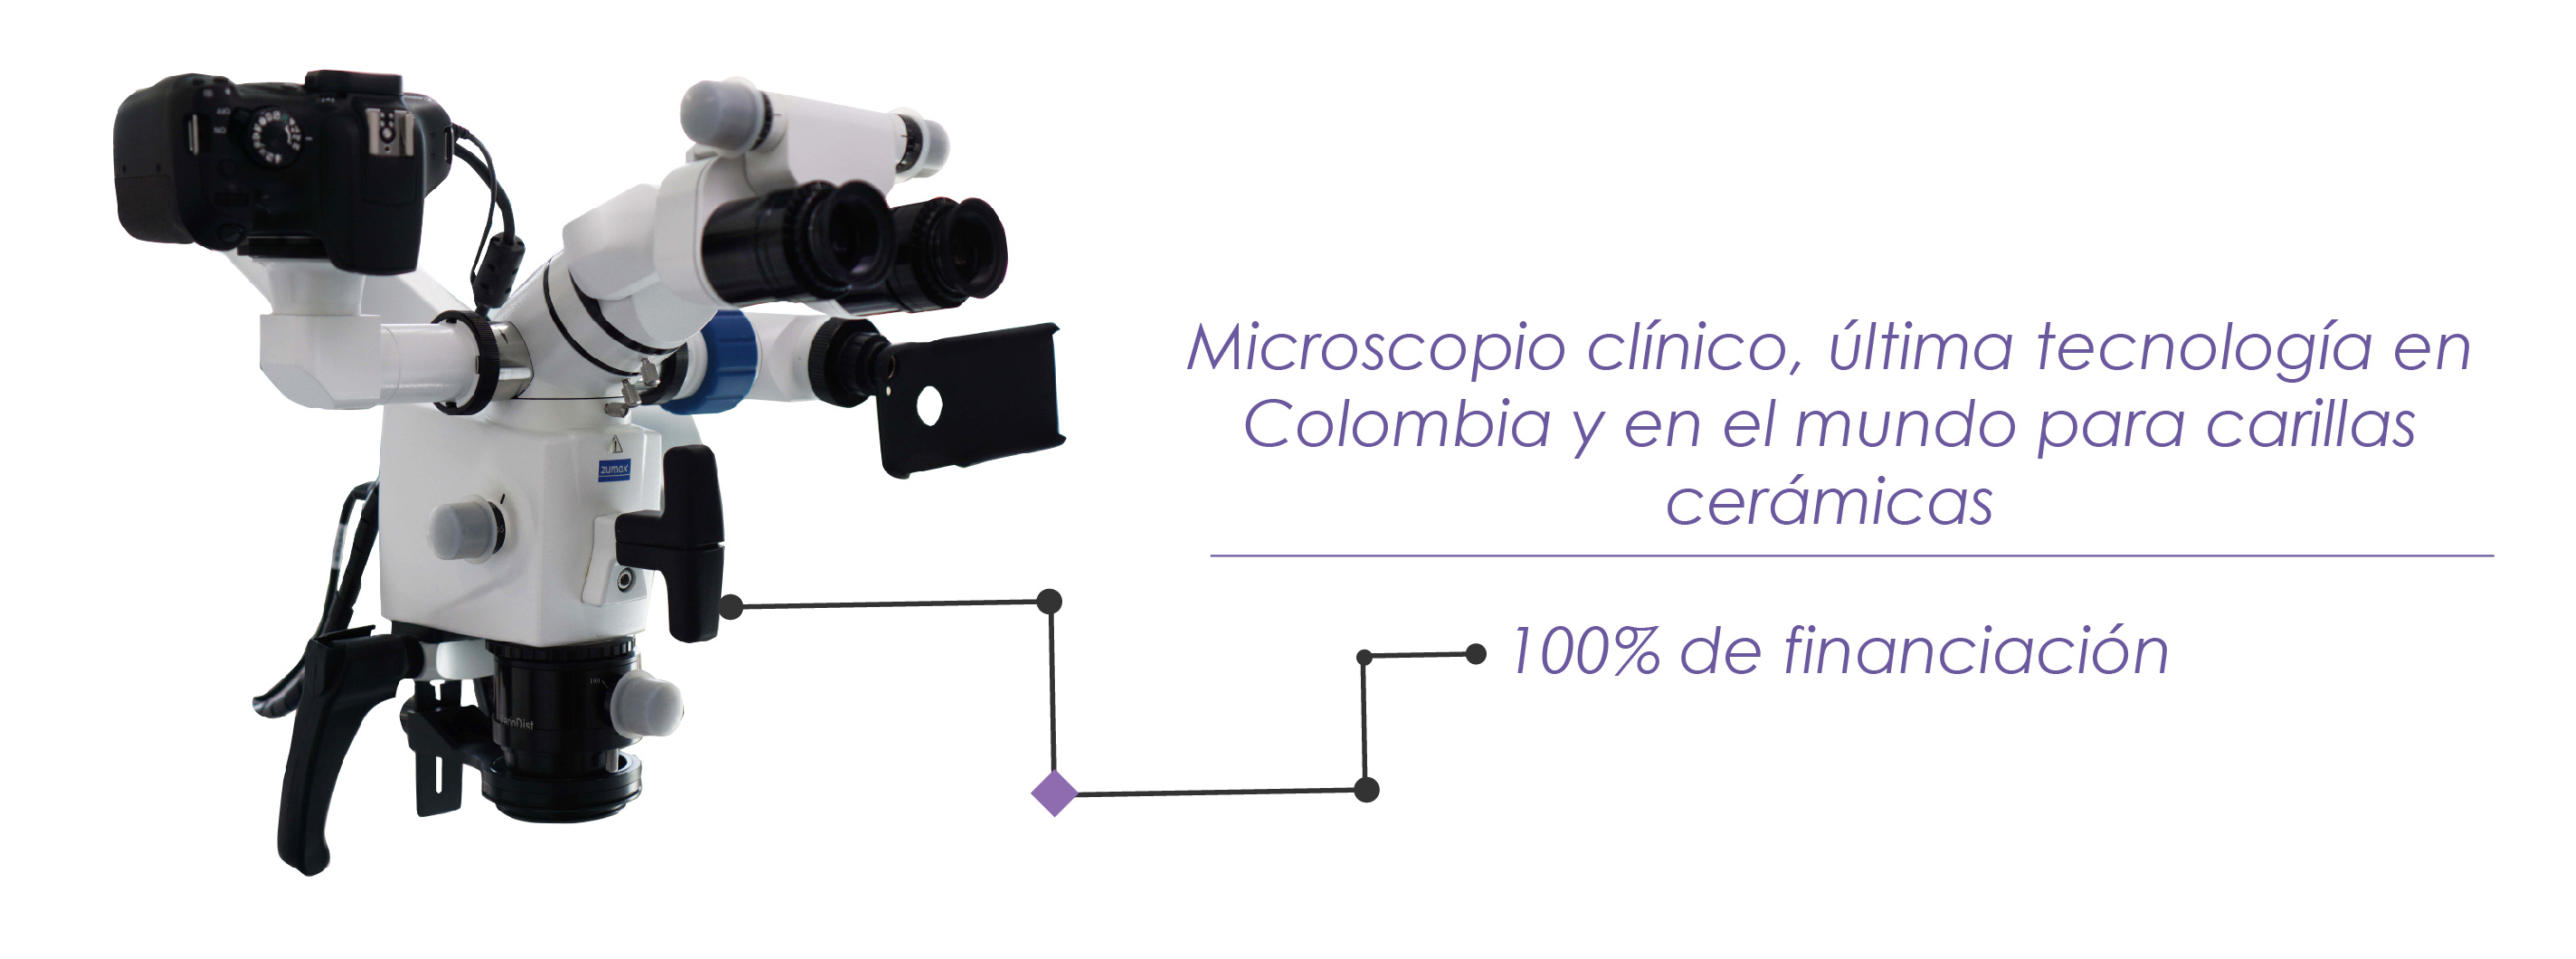 Microscopio clínico